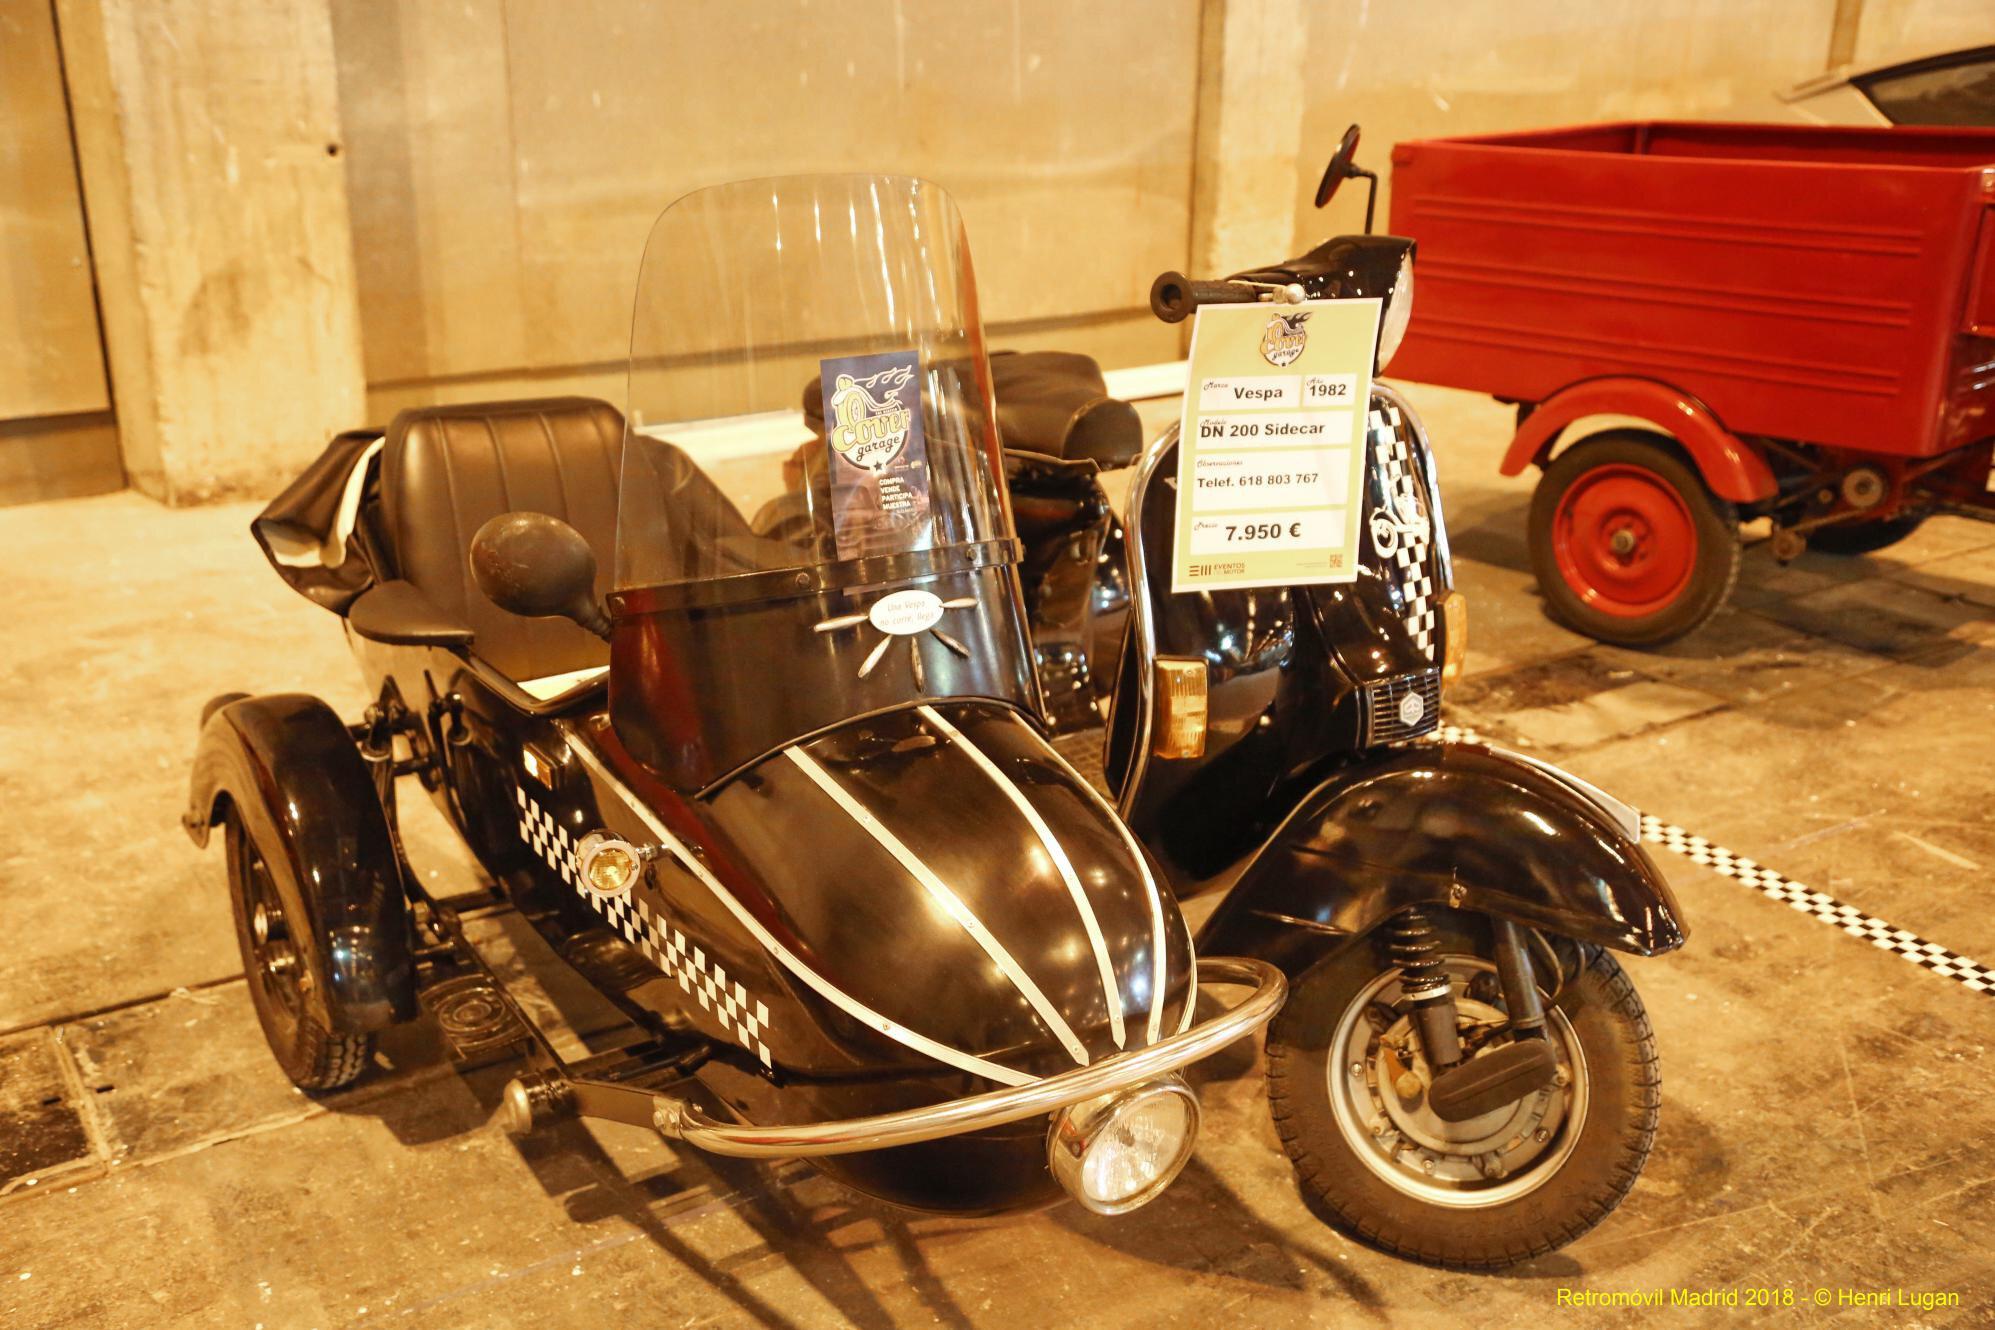 Vespa DN 200 sidecar_01 - 1982 [I] HL_GF